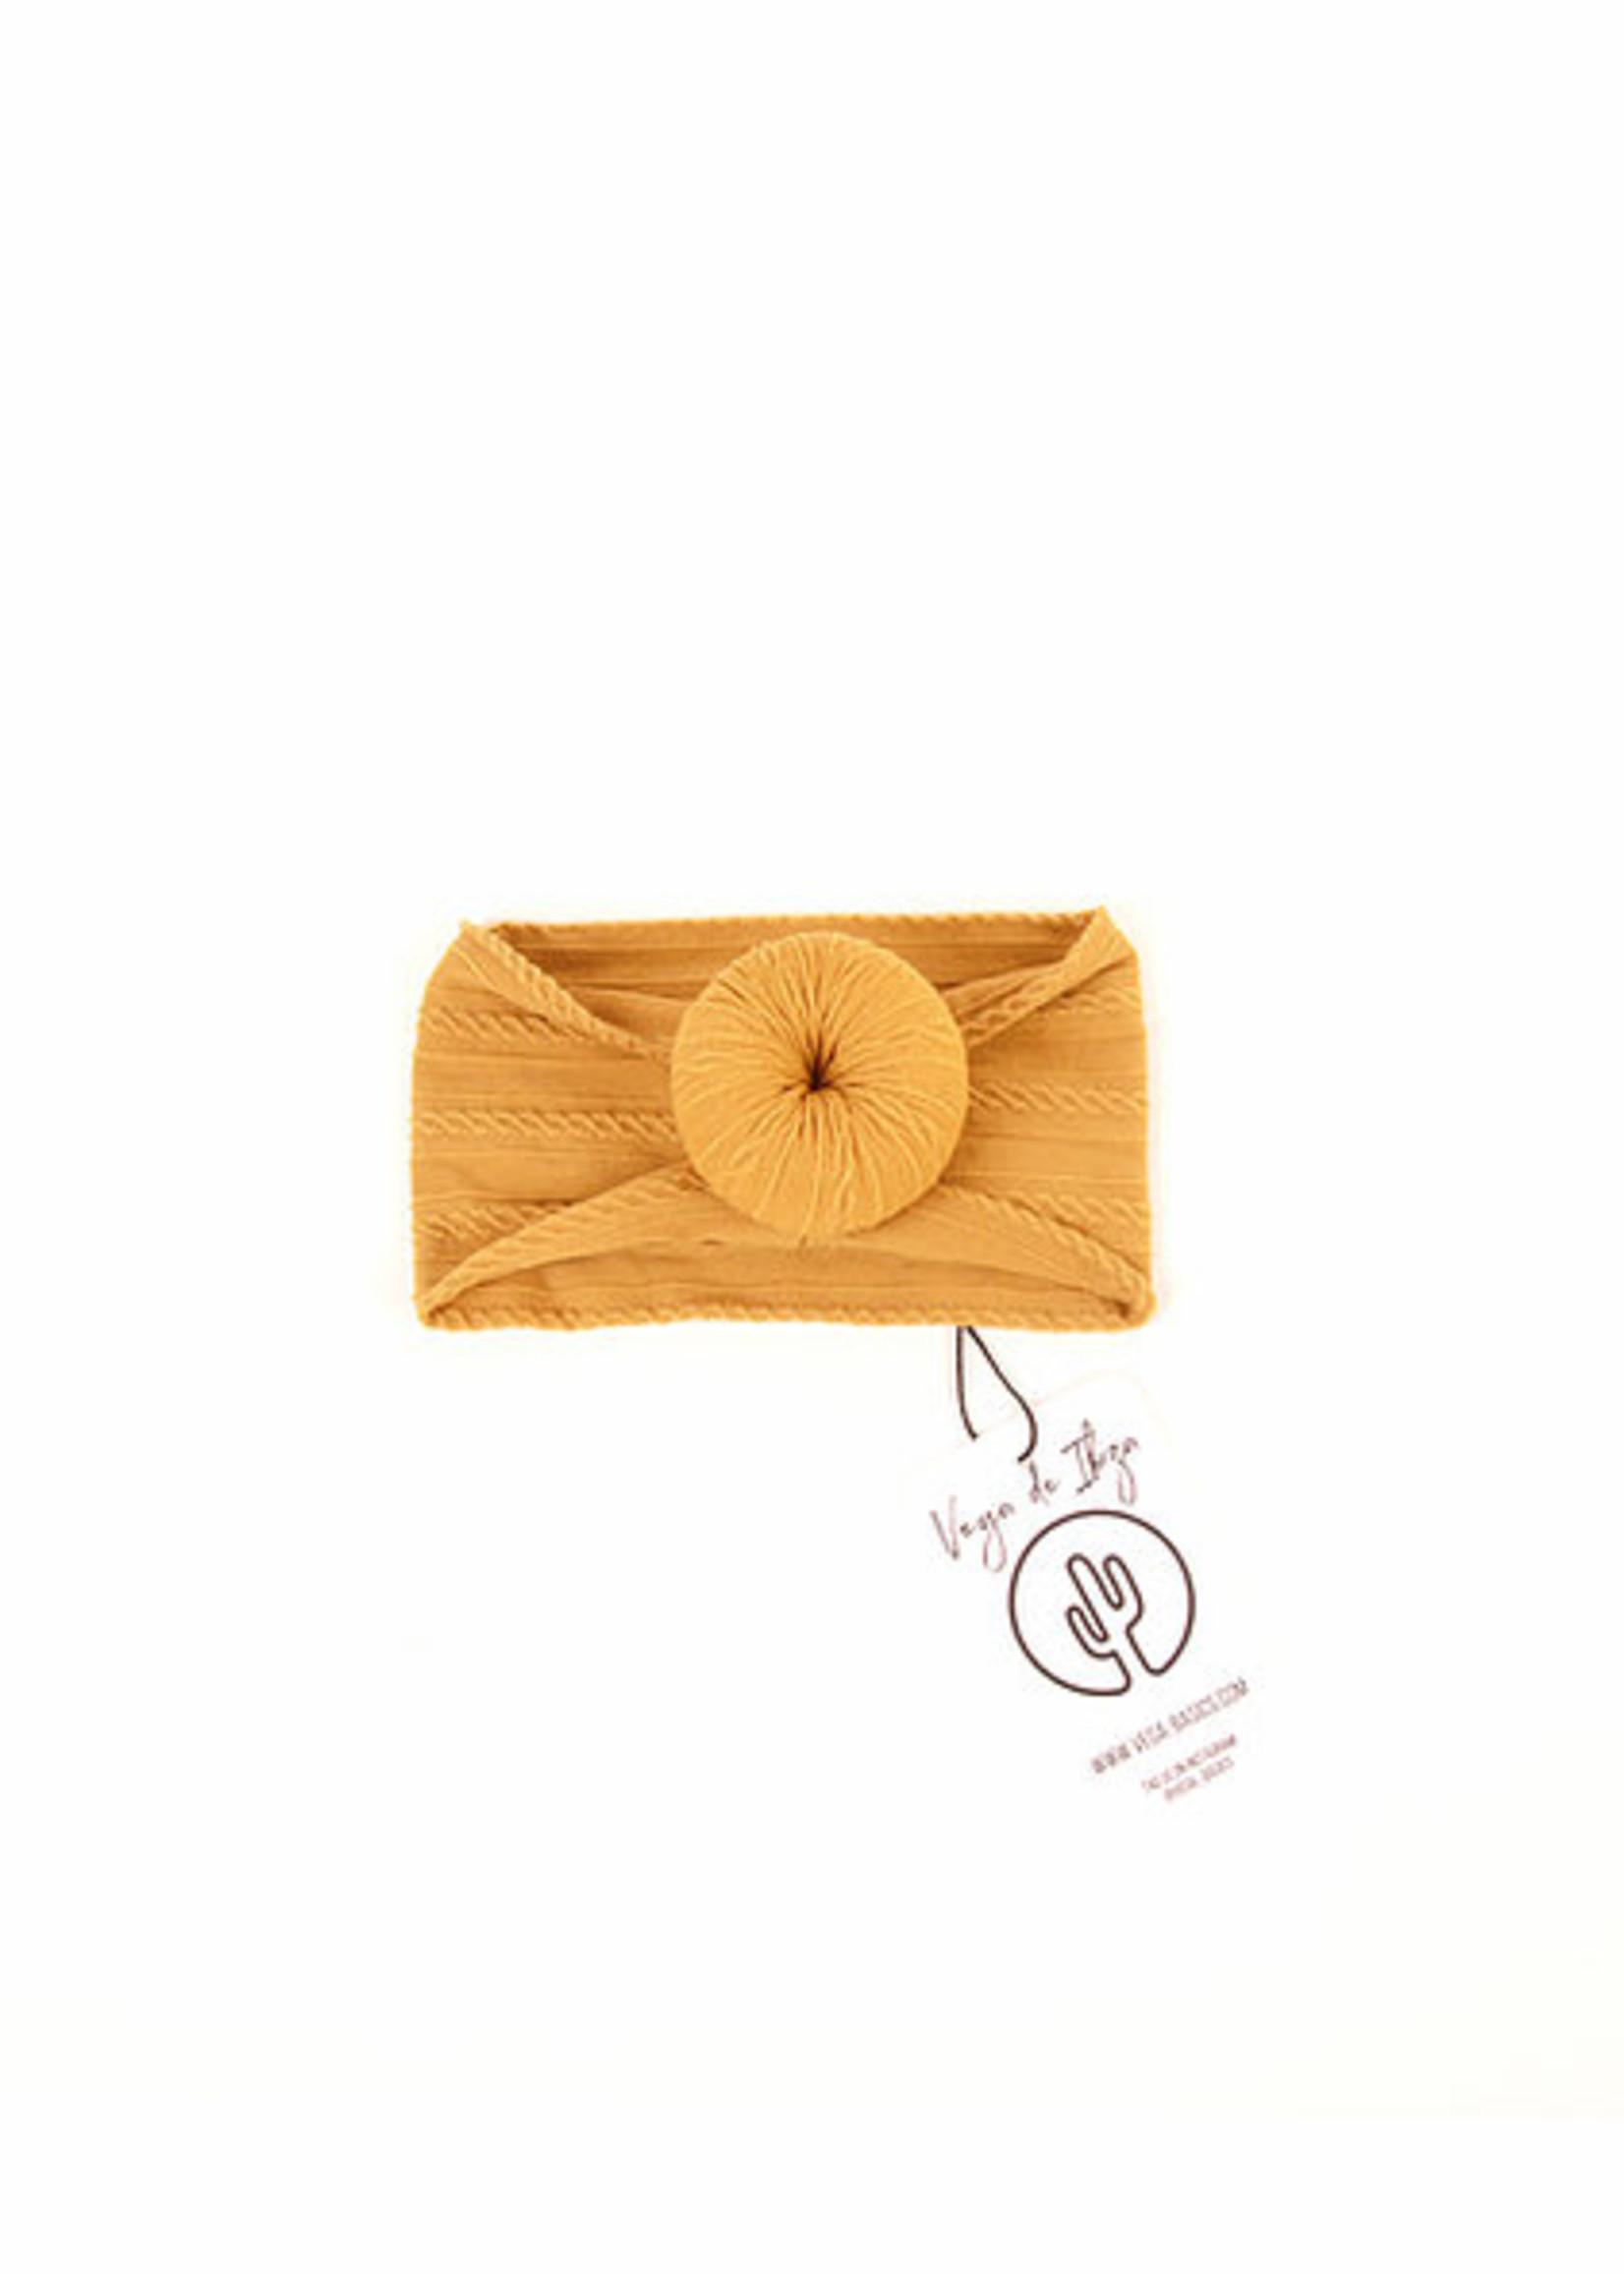 Vega Basics The Paloma - Saffron